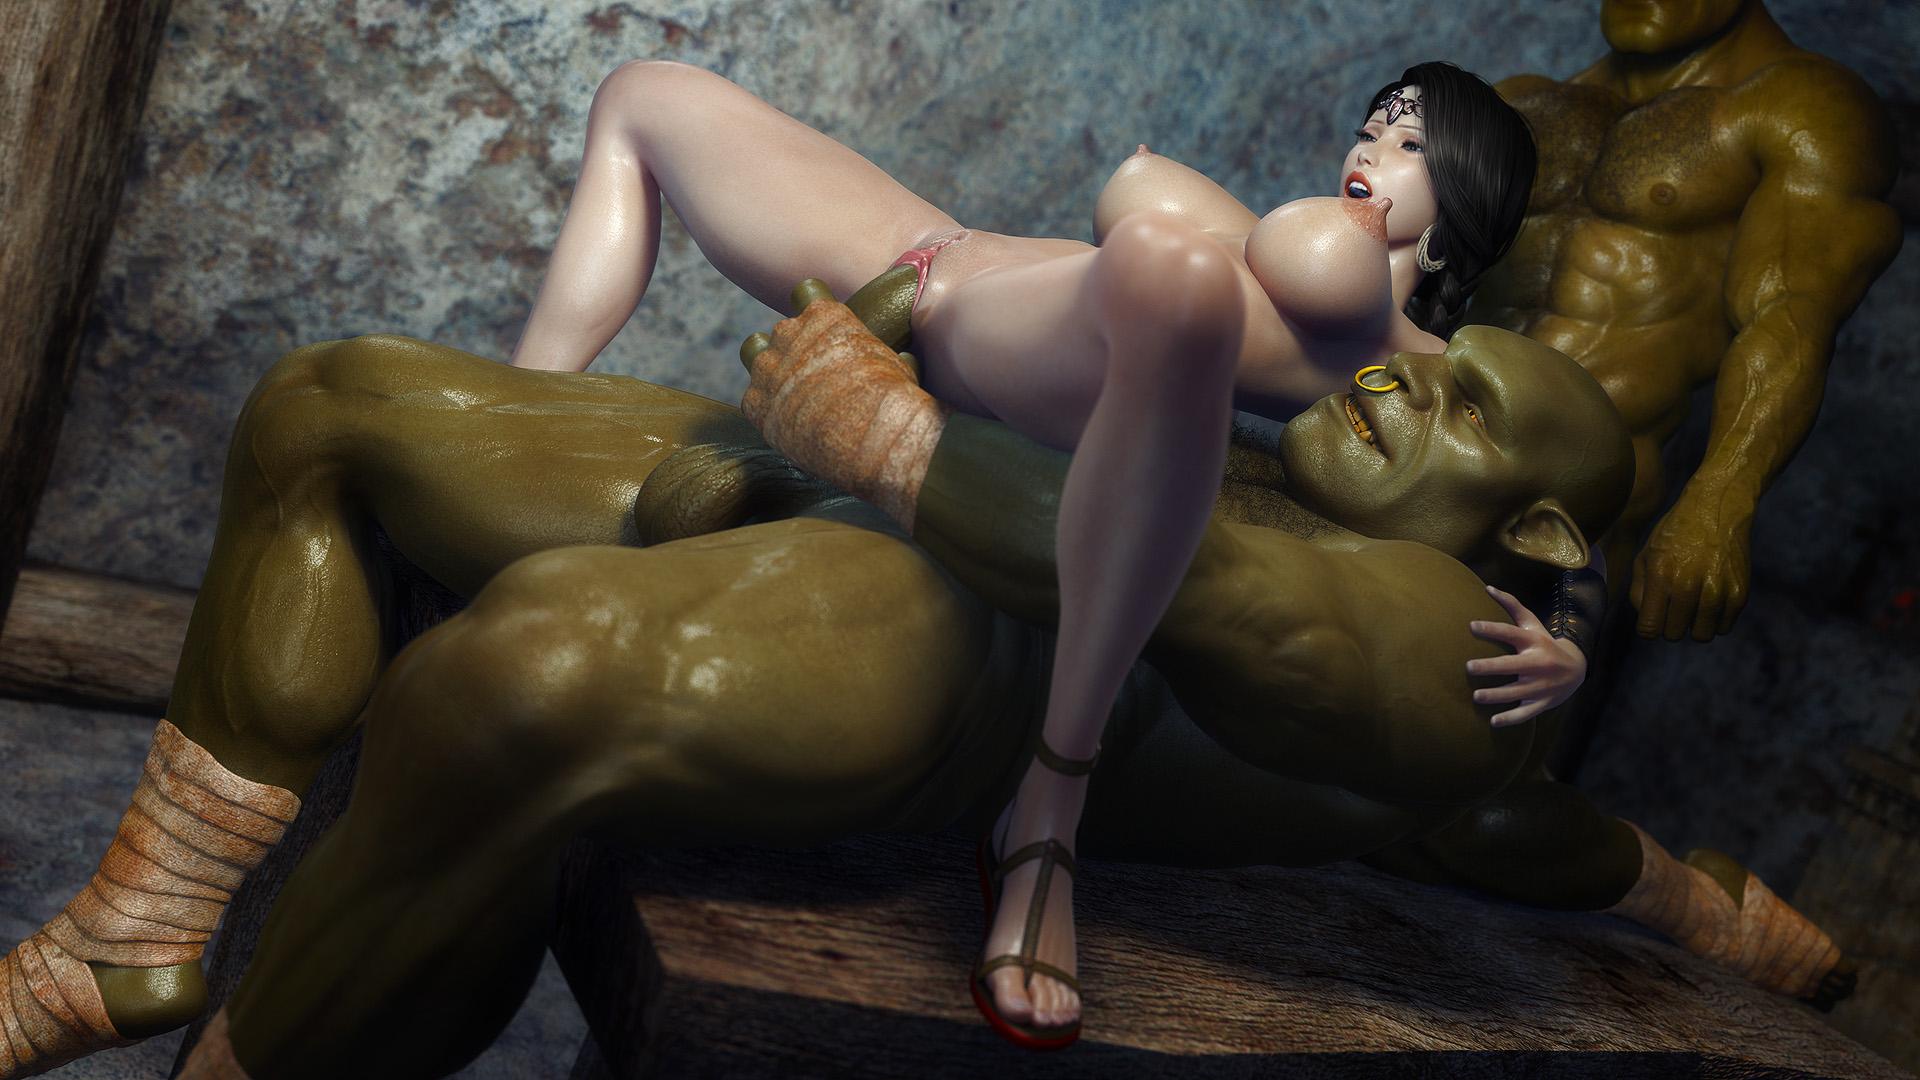 Смотреть Порно Мультфильмы 3д Большие Члены Бесплатно